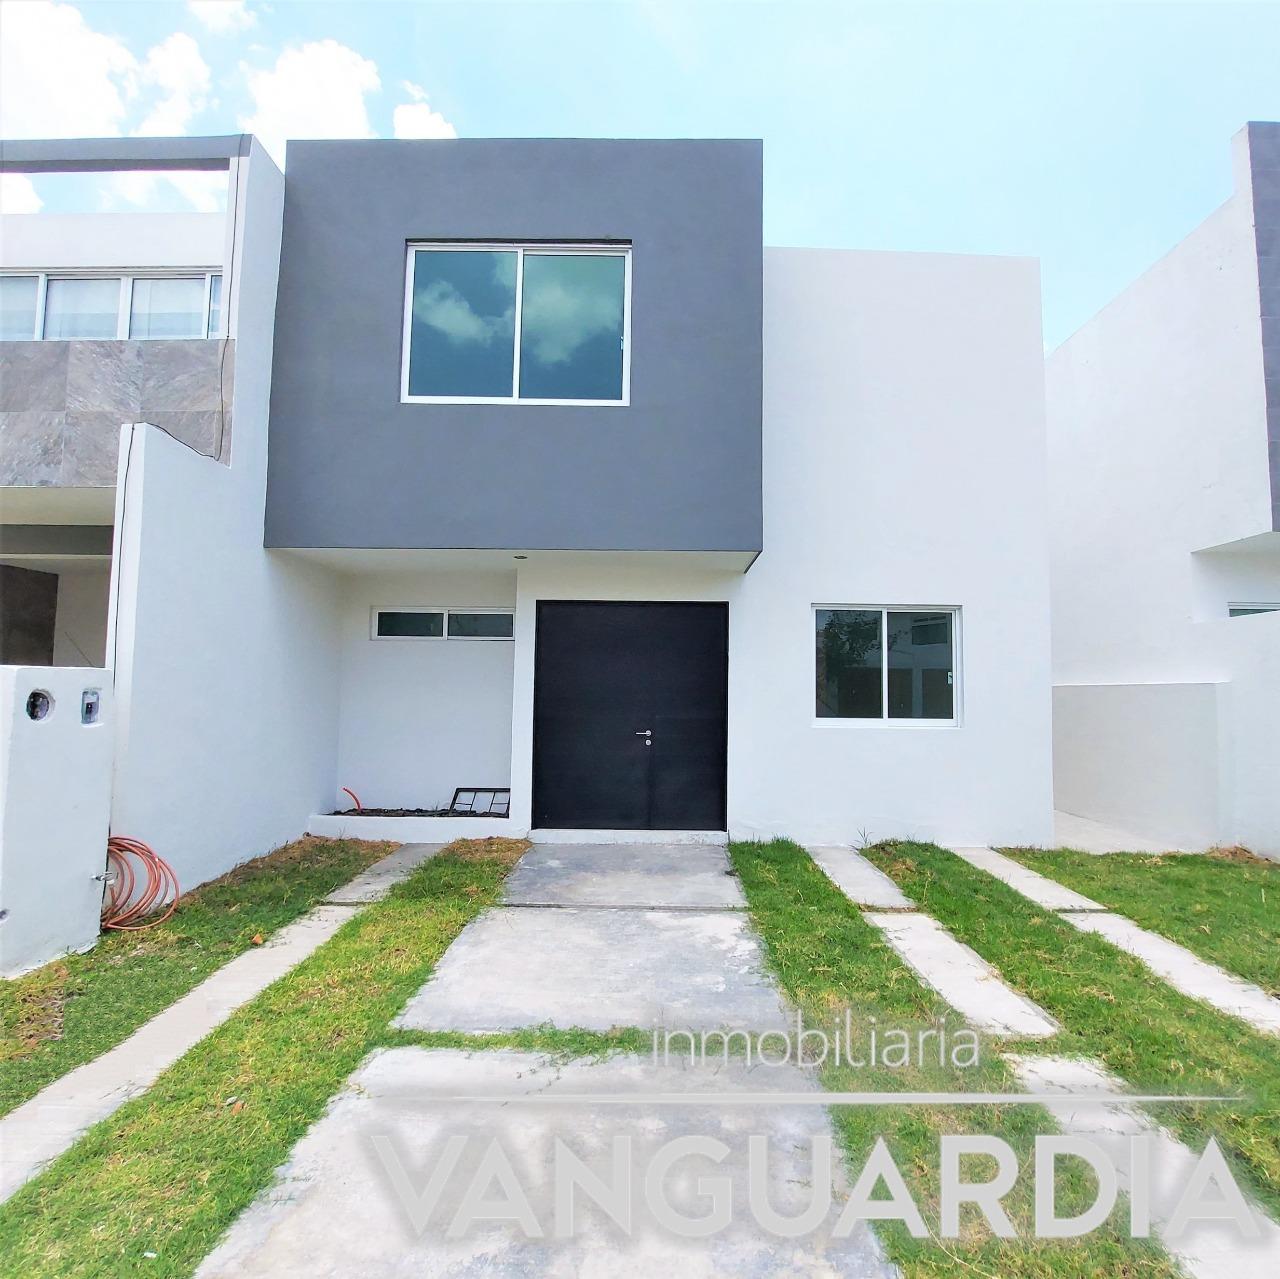 Preciosa Casa Nueva en Venta, en fraccionamiento con vigilancia las 24 hrs .- Querétaro   Real del Bosque